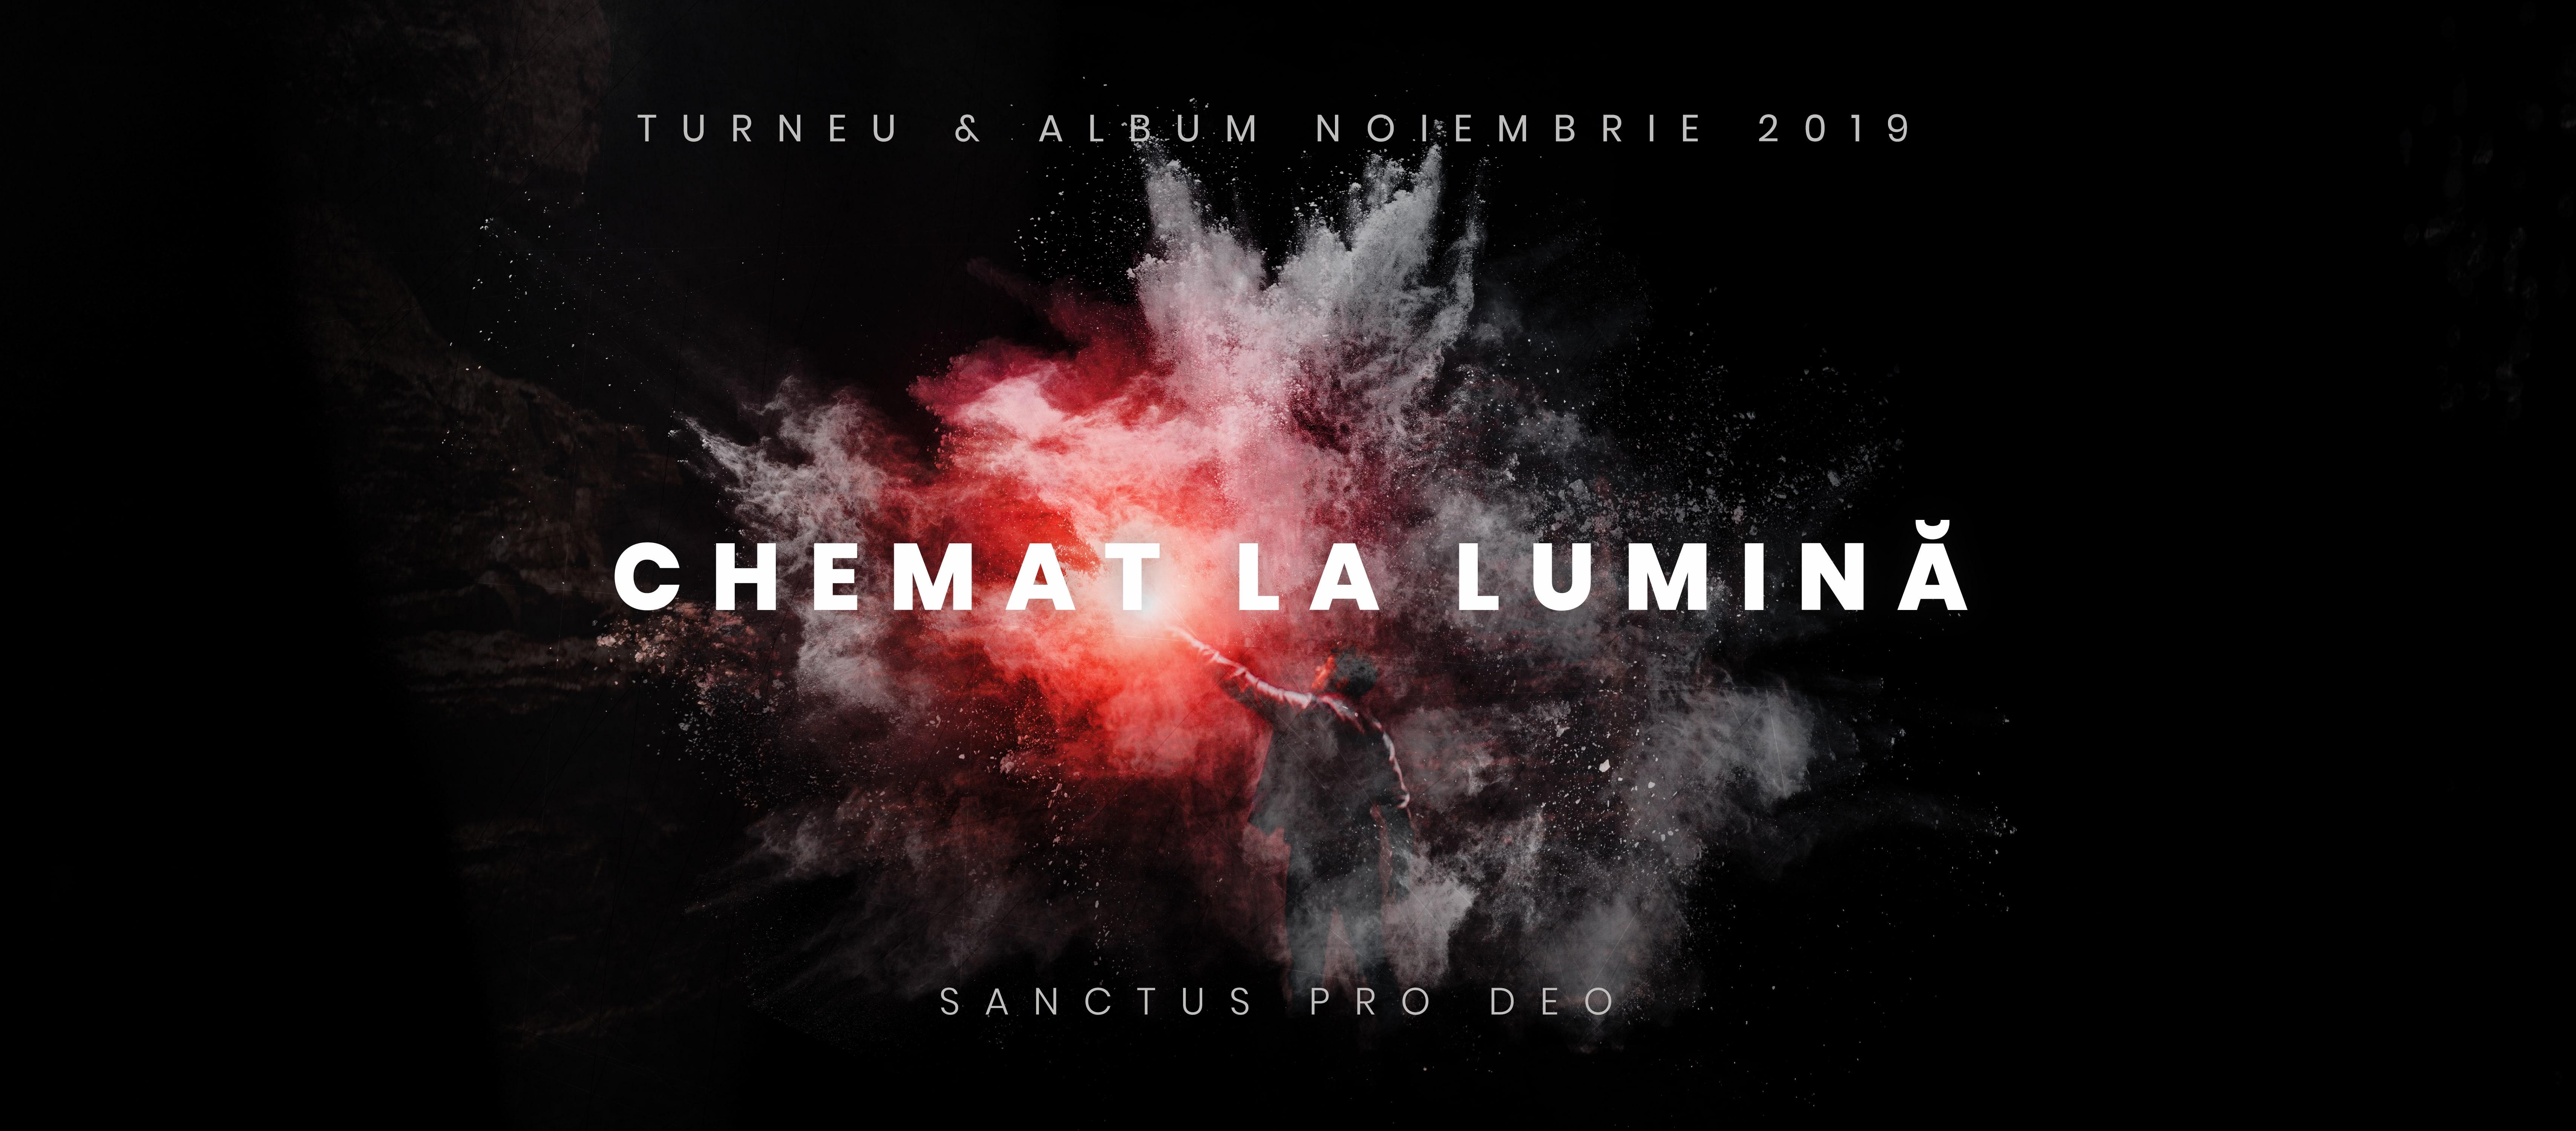 Turneu Sanctus Pro Deo: Chemat La Lumina 2019